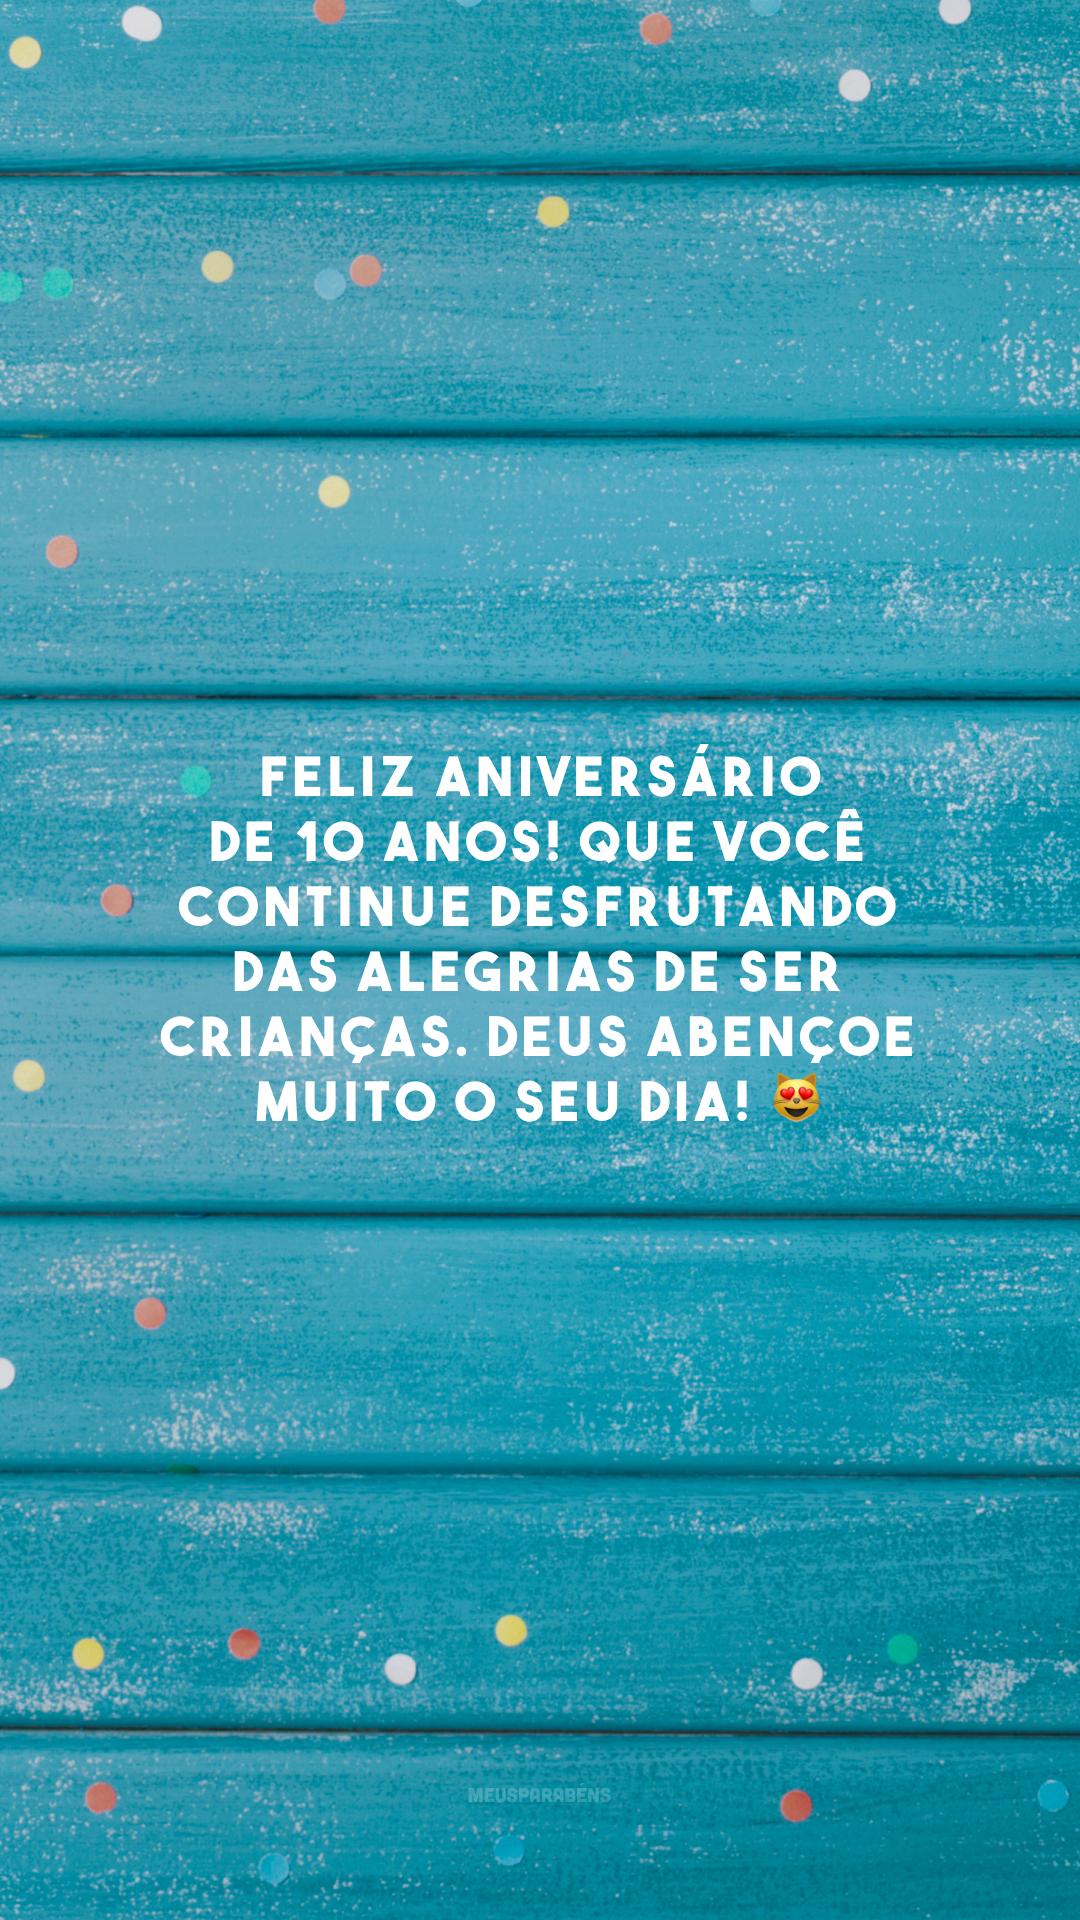 Feliz aniversário de 10 anos! Que você continue desfrutando das alegrias de ser crianças. Deus abençoe muito o seu dia! 😻